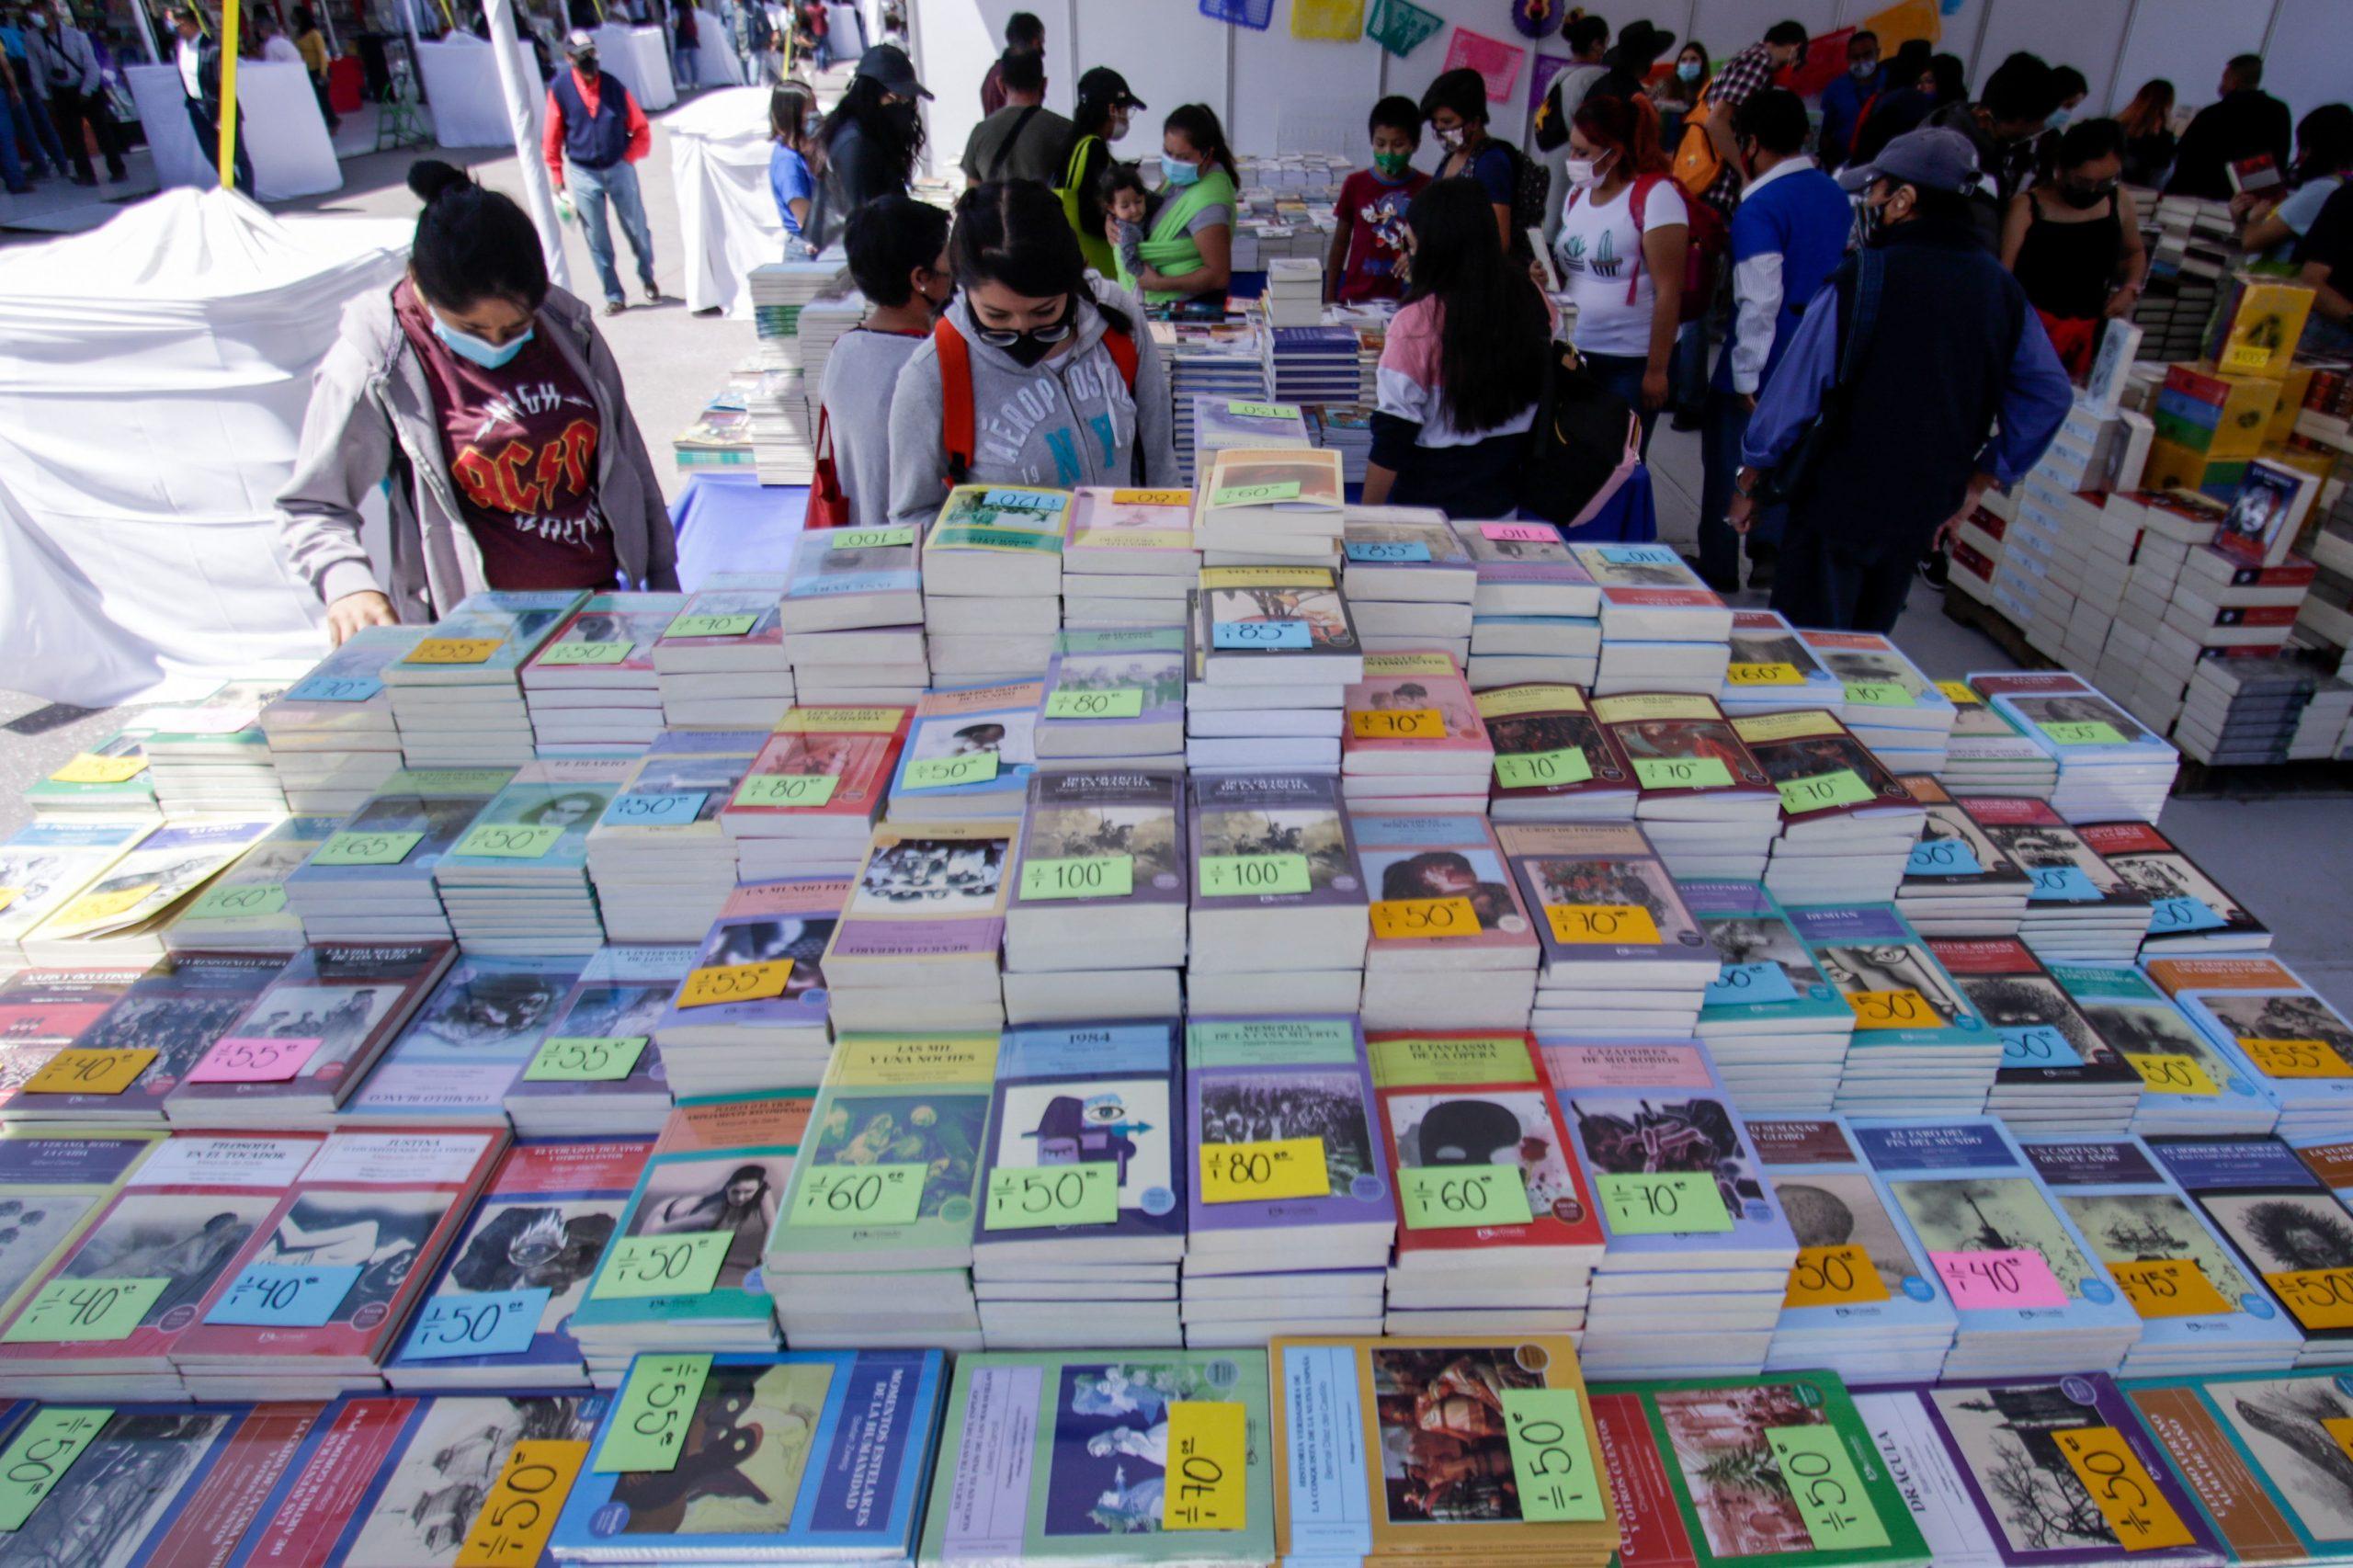 Retorna Feria Internacional del Libro presencial en la CDMX